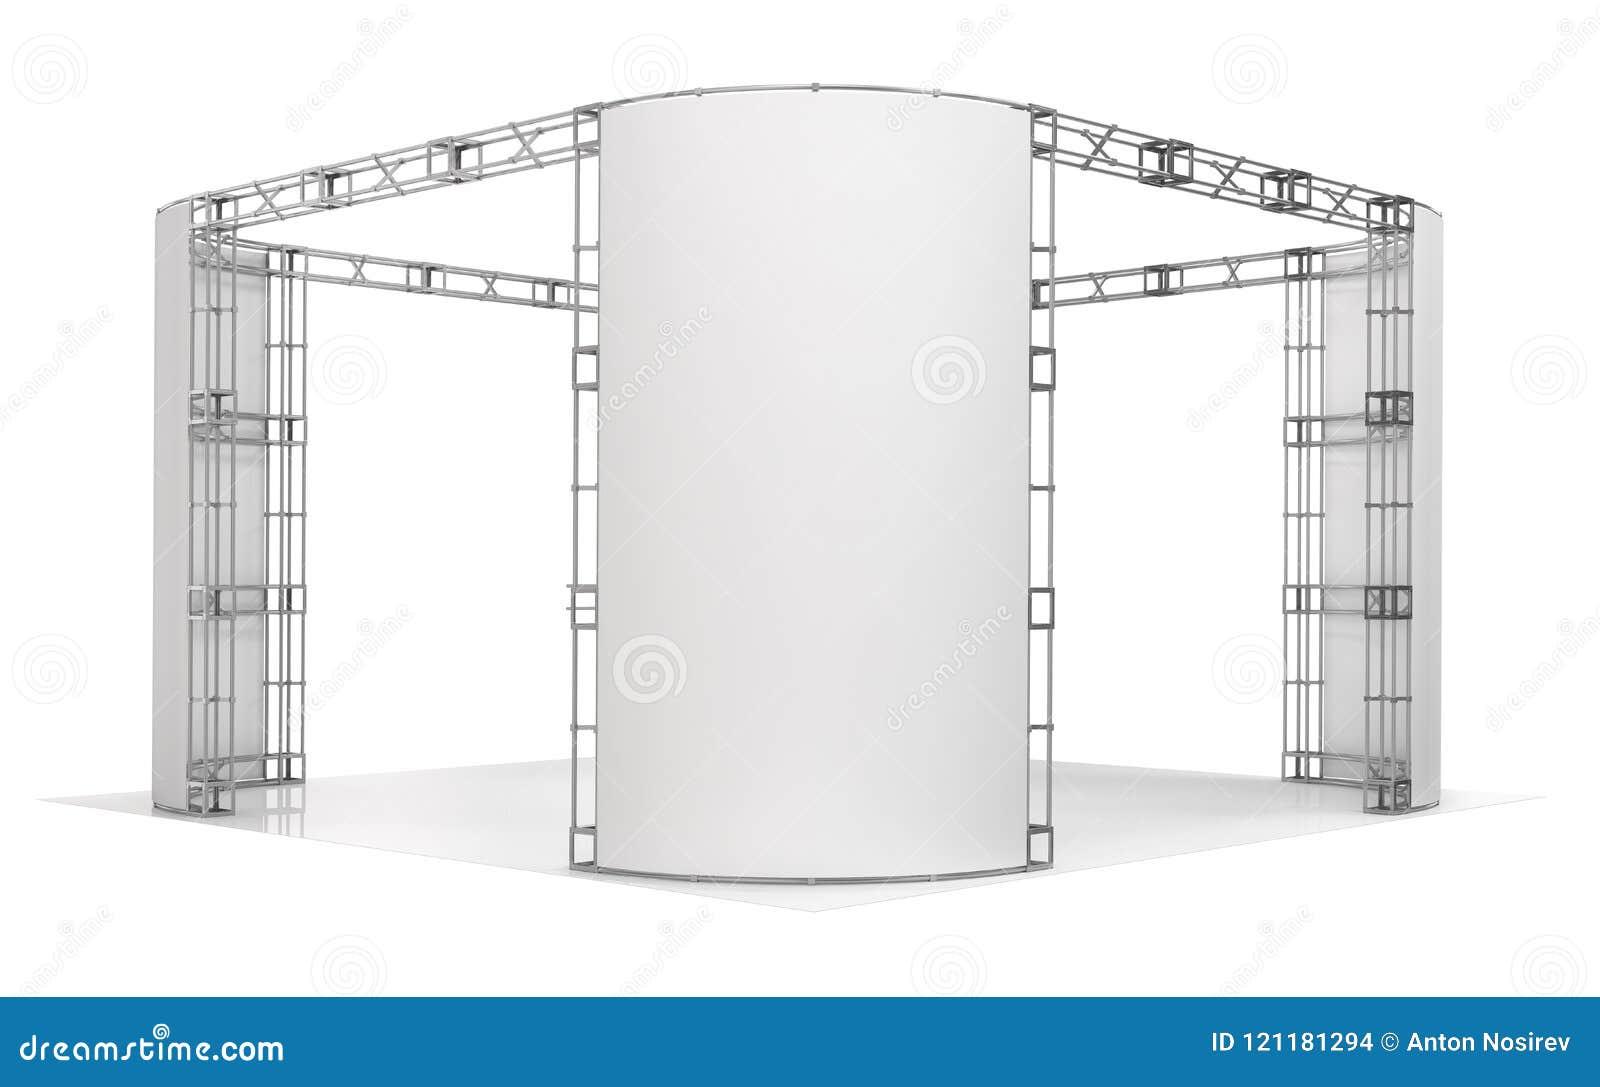 Ферменная конструкция торговой выставки, павильон выставки иллюстрация 3d